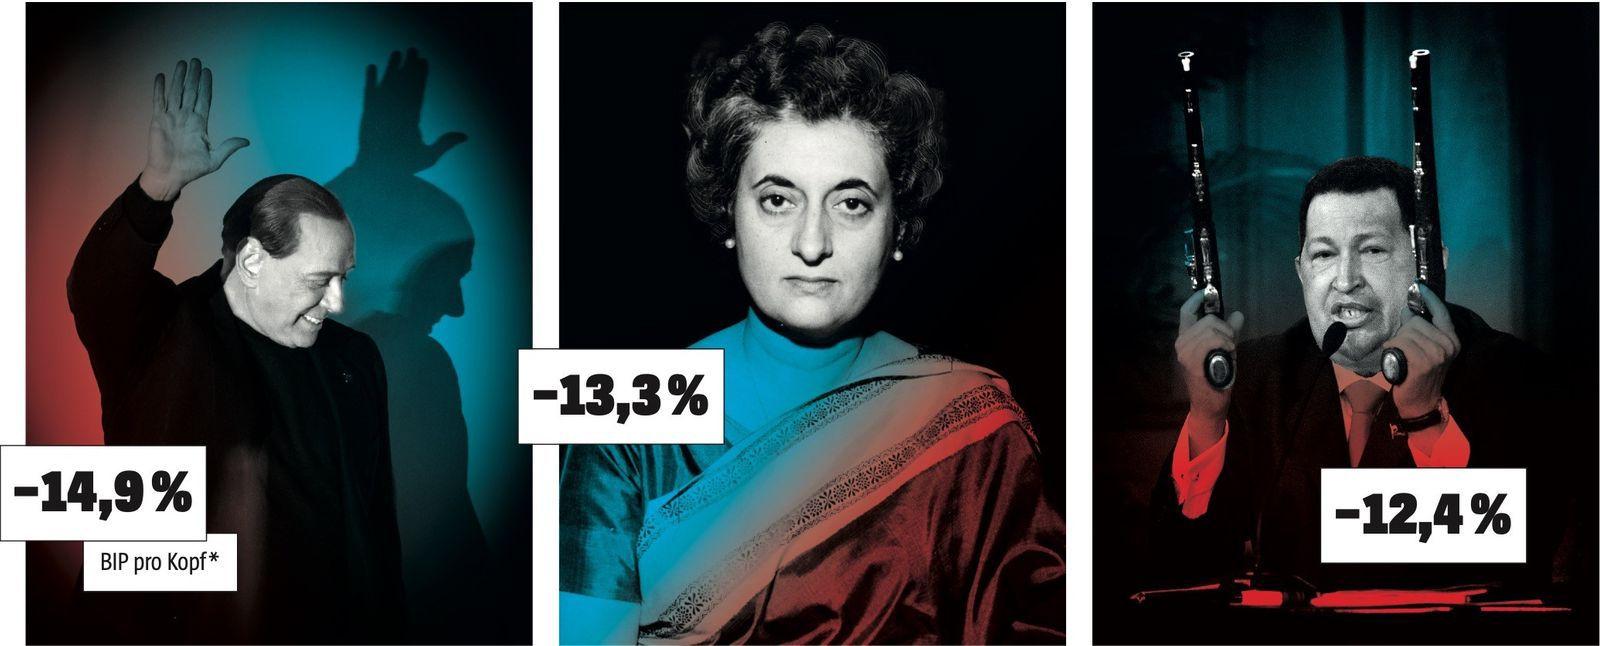 Silvio Berlusconi / Indira Gandhi / Hugo Chávez